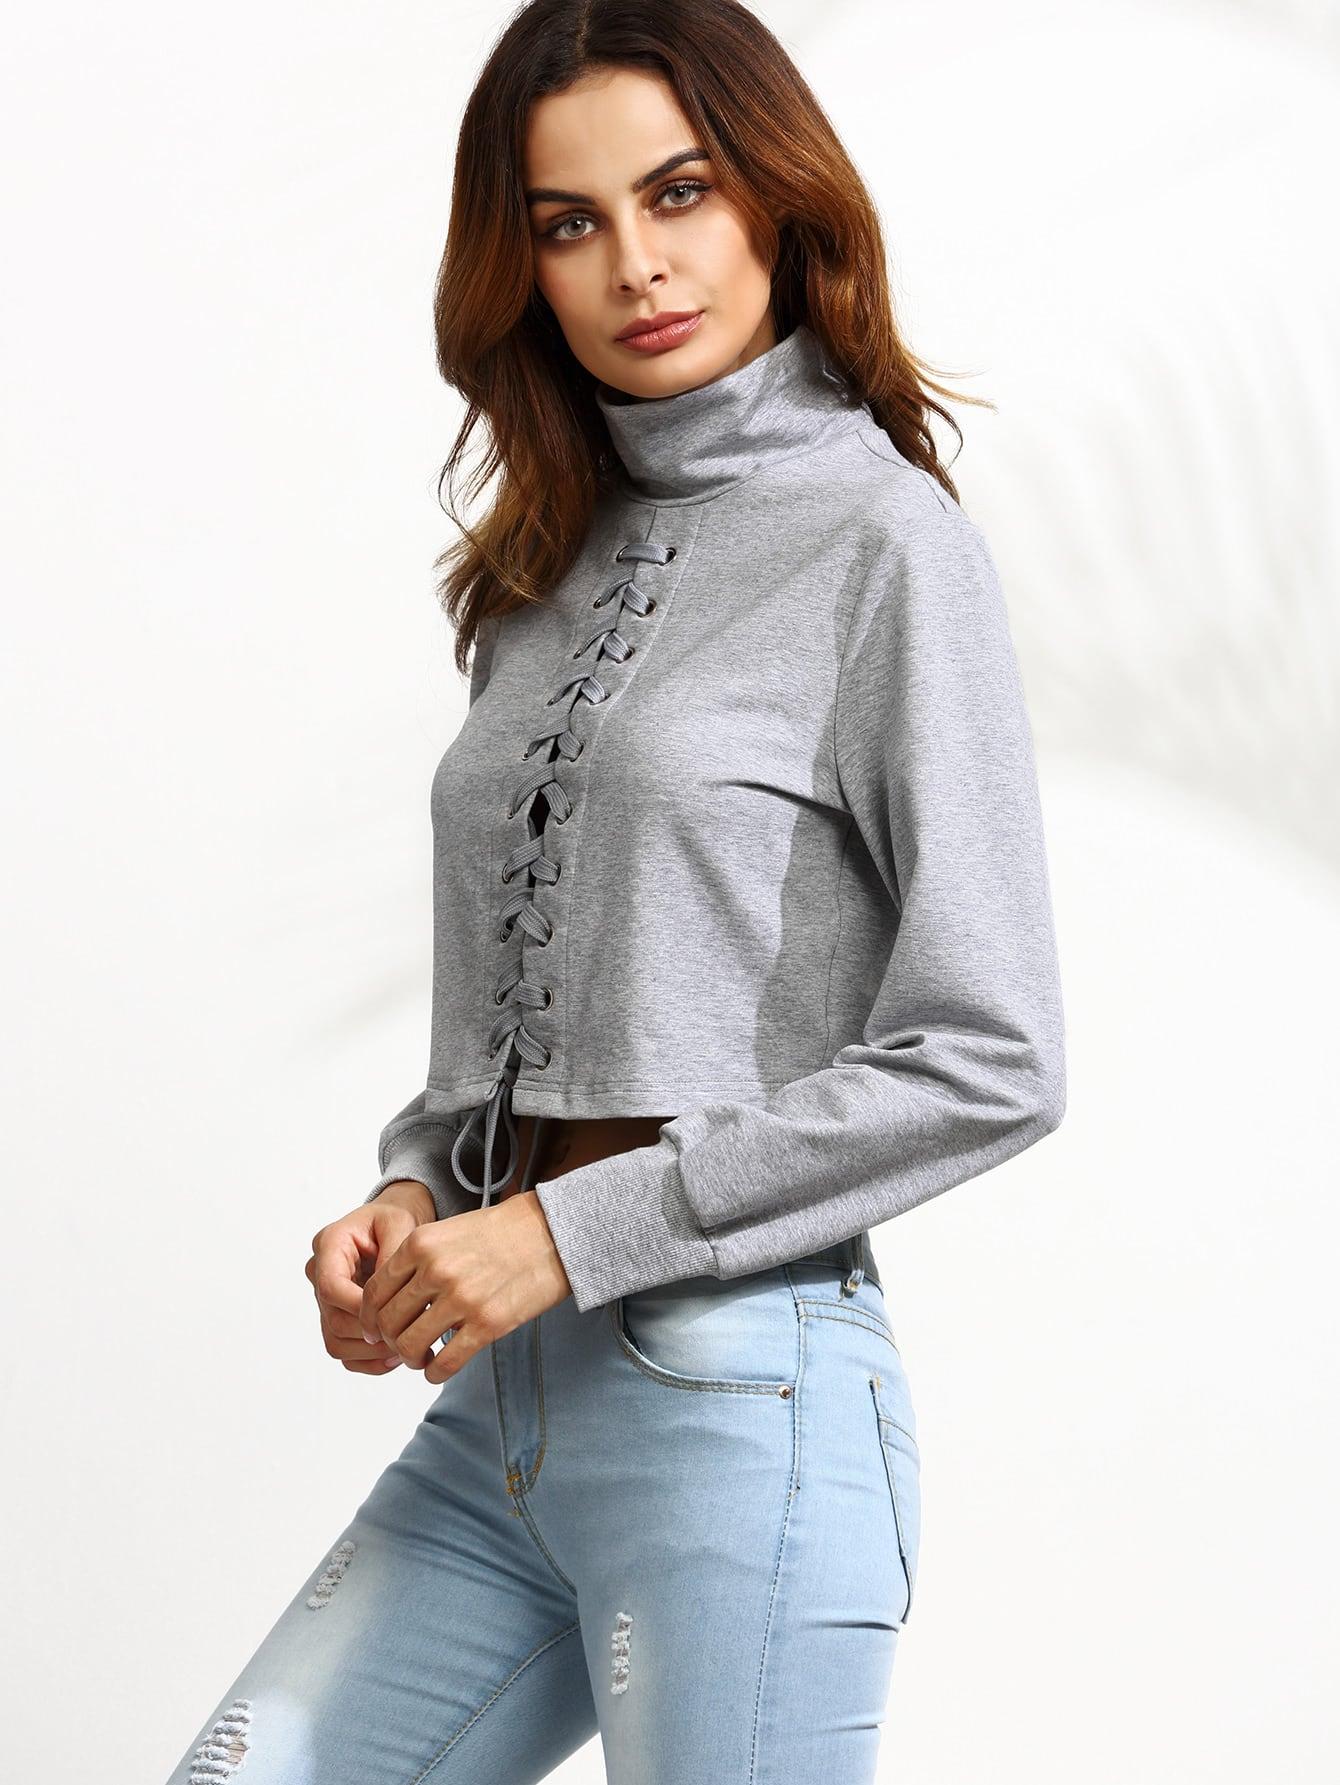 sweatshirt160818701_2